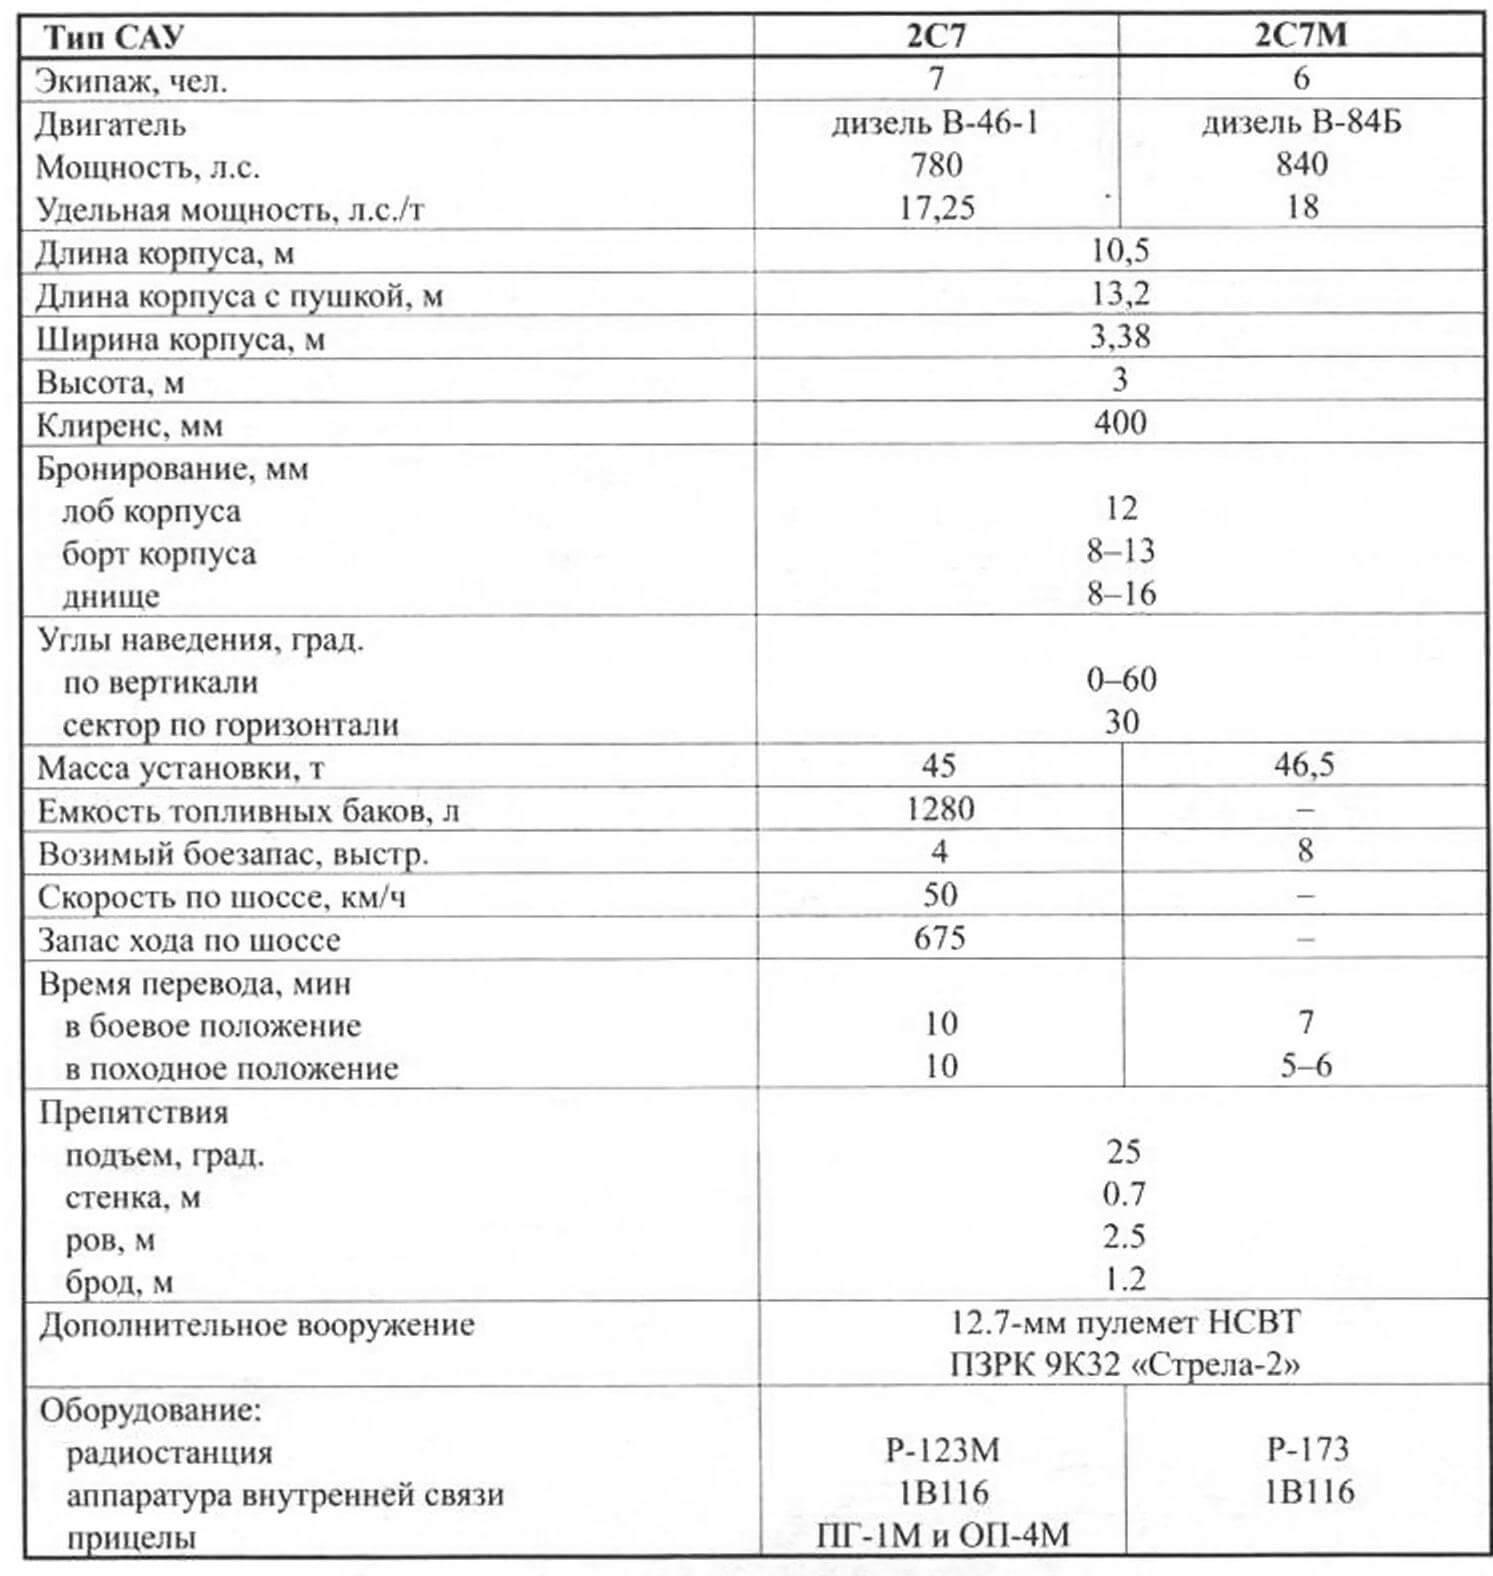 Основные данные САУ семейства «Пион»